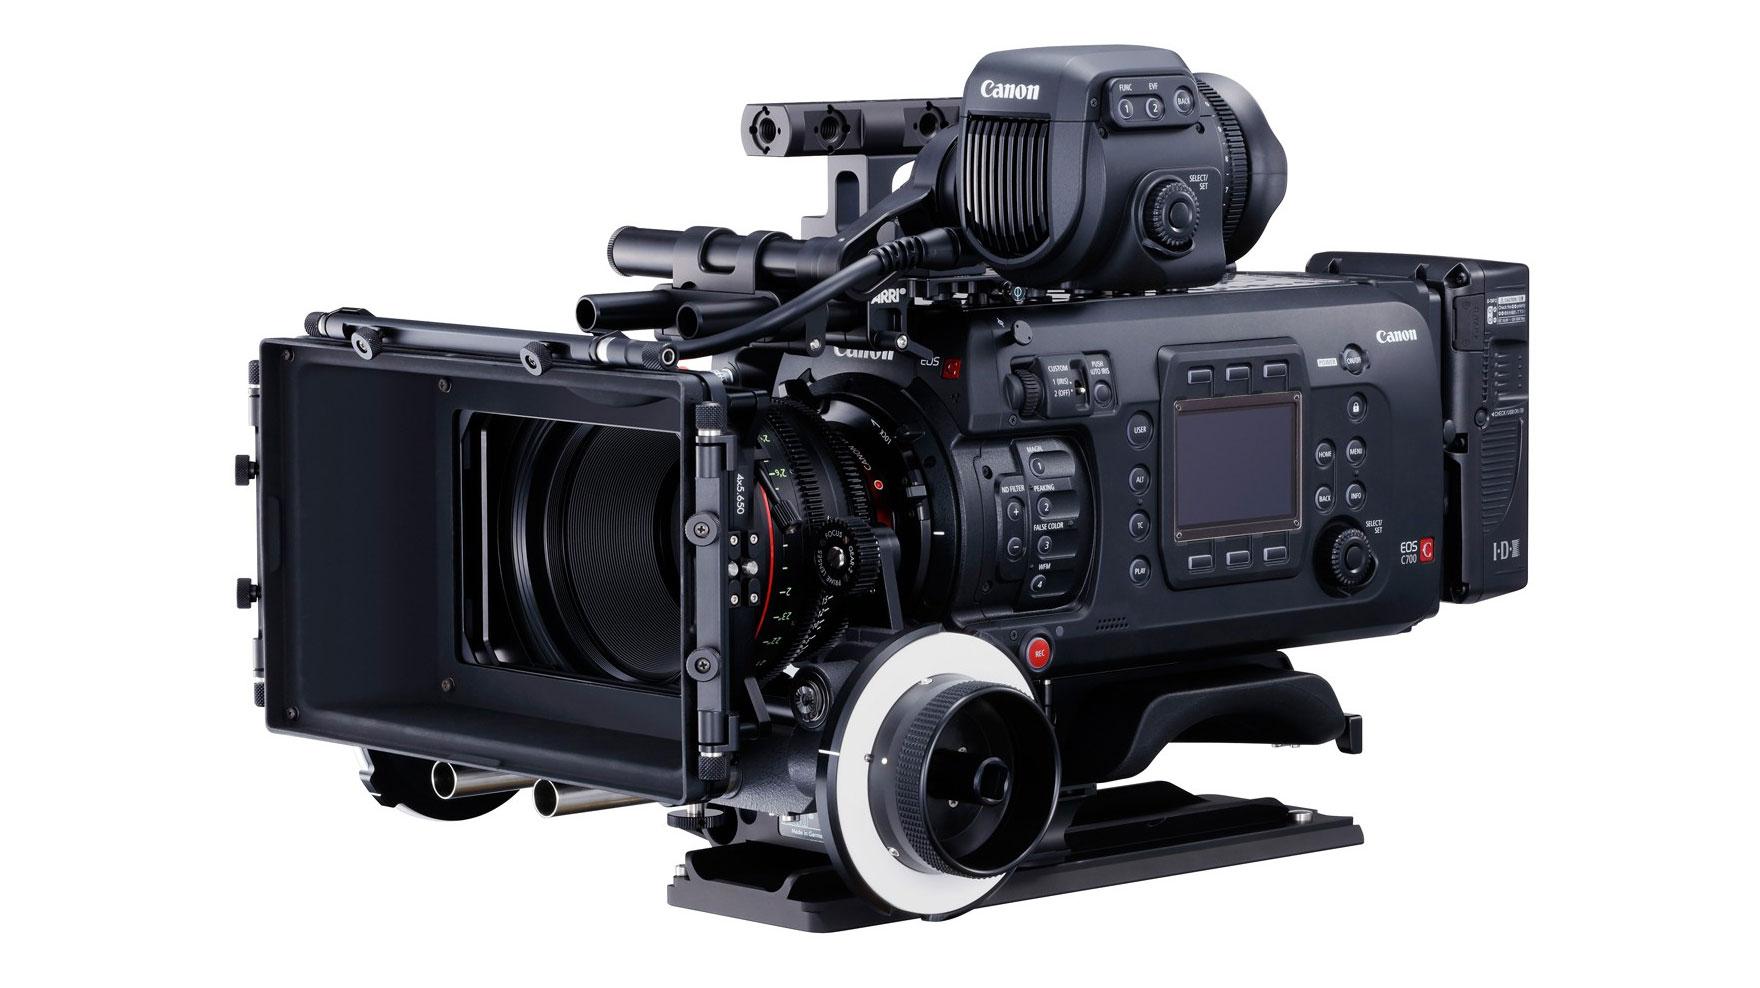 الإعلان عن كانون C700 FF السينمائية بجودة 5.9K